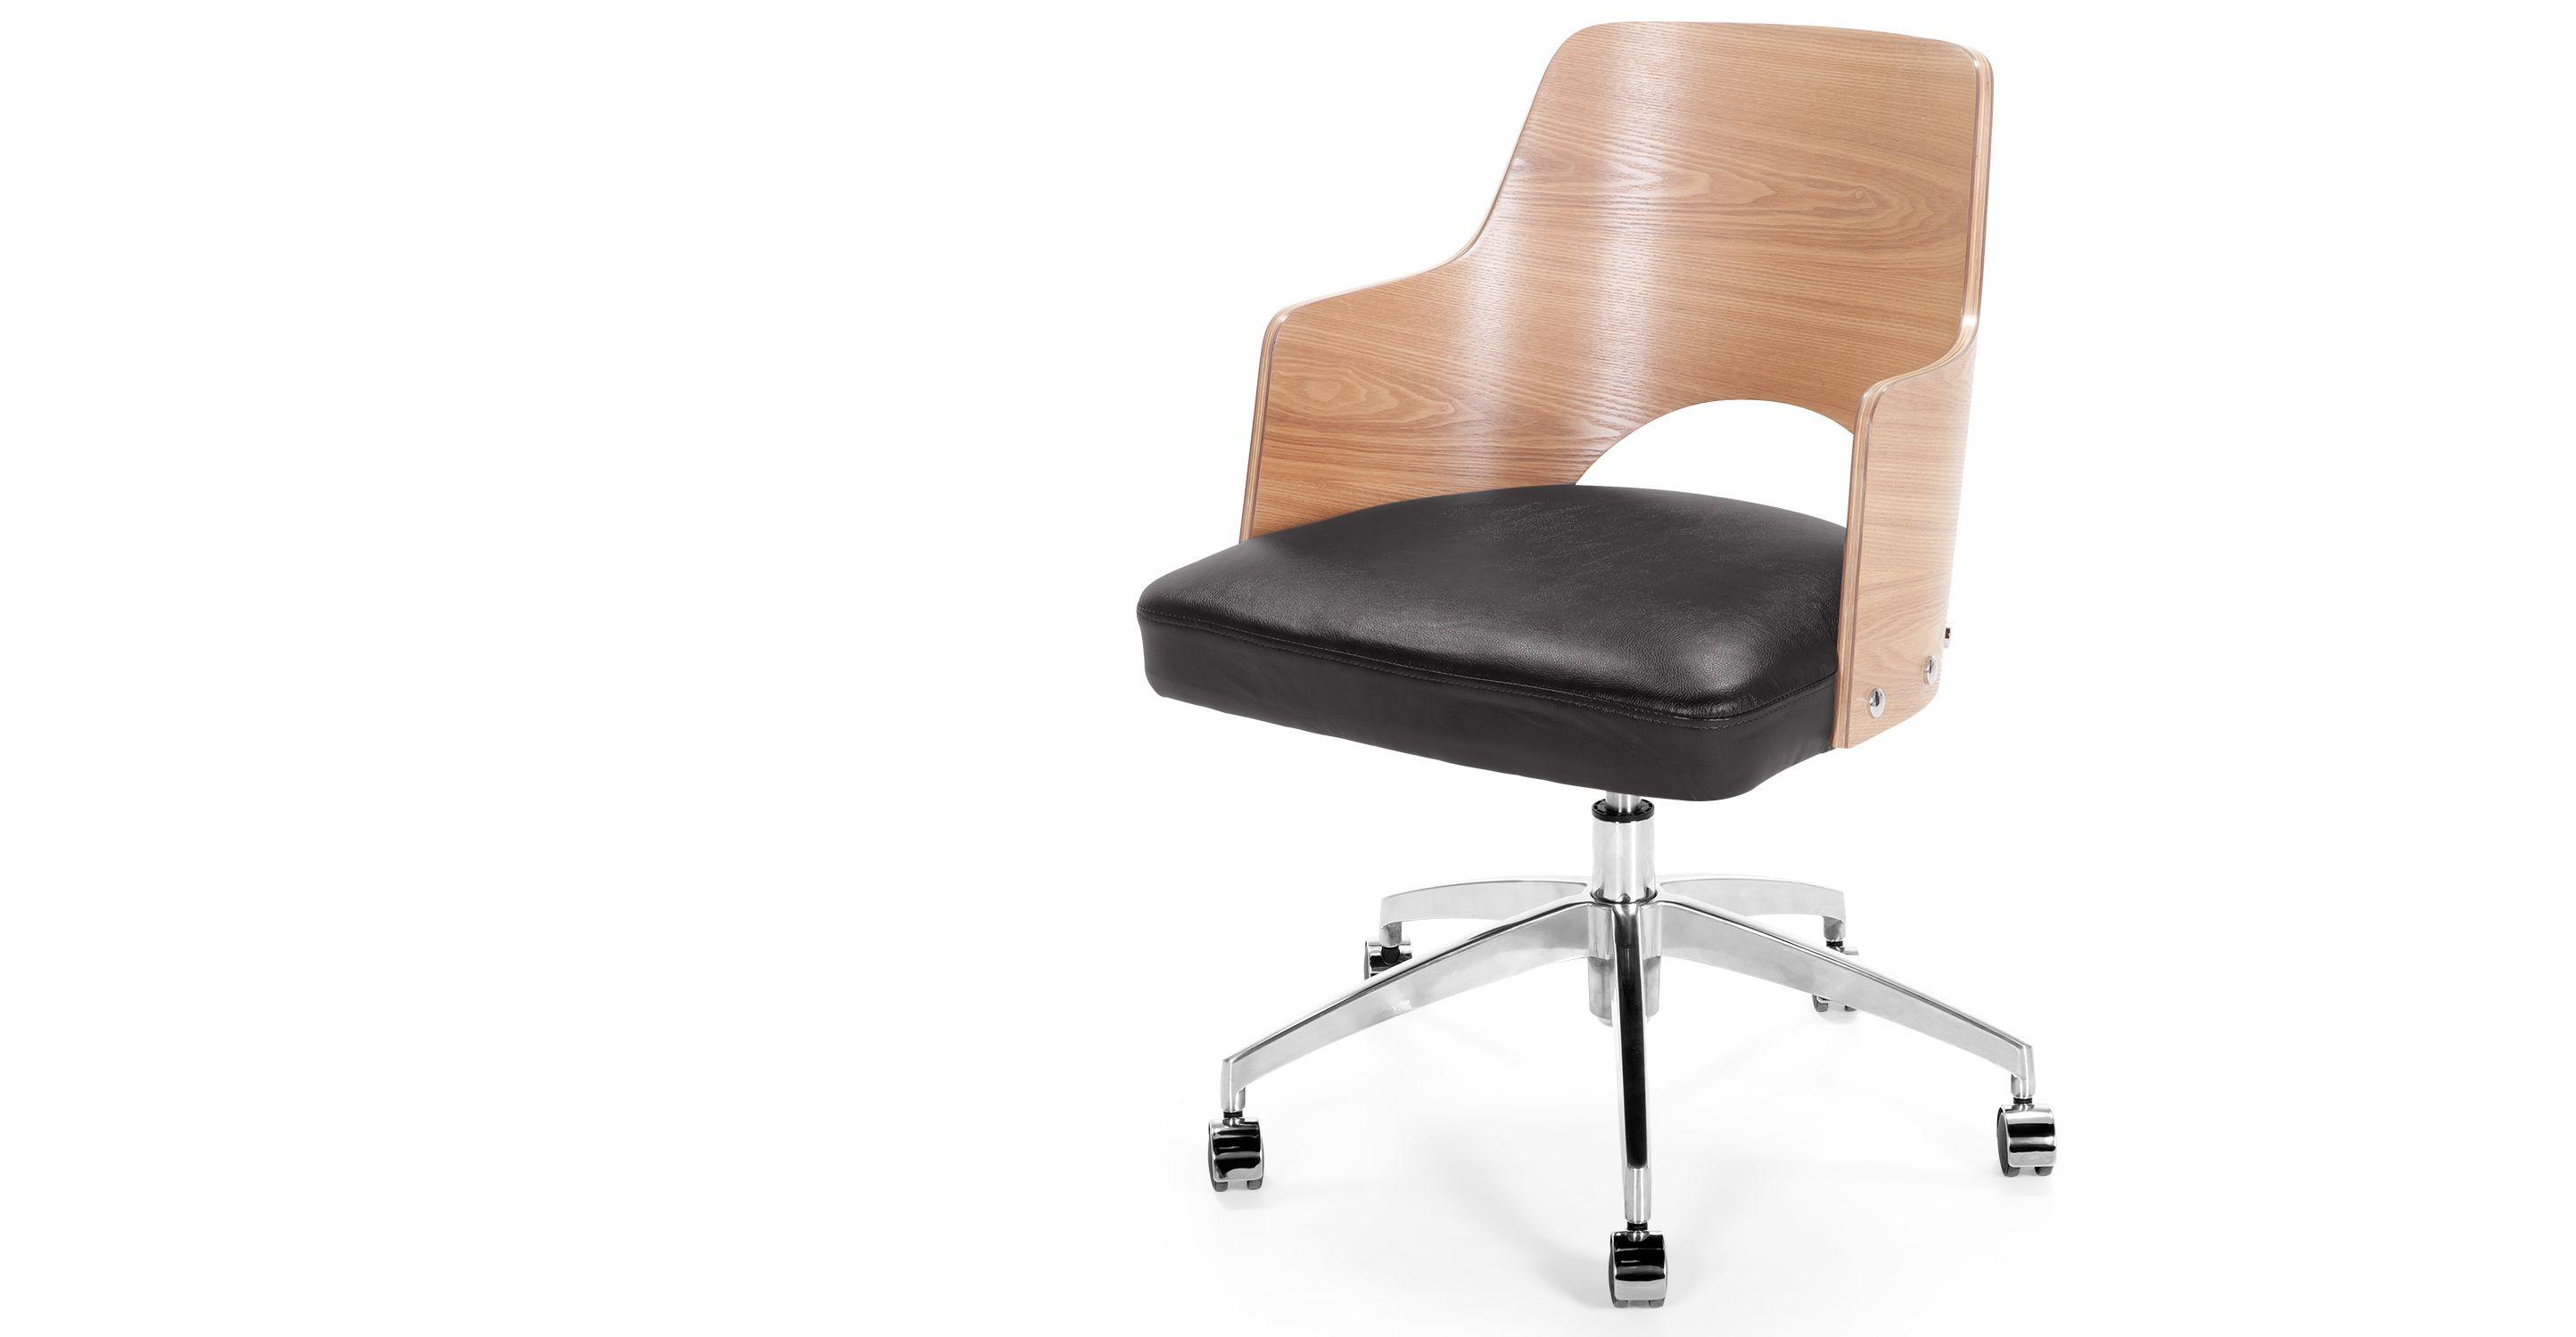 Cornell fauteuil de bureau pivotant noir et frêne chaises bureau